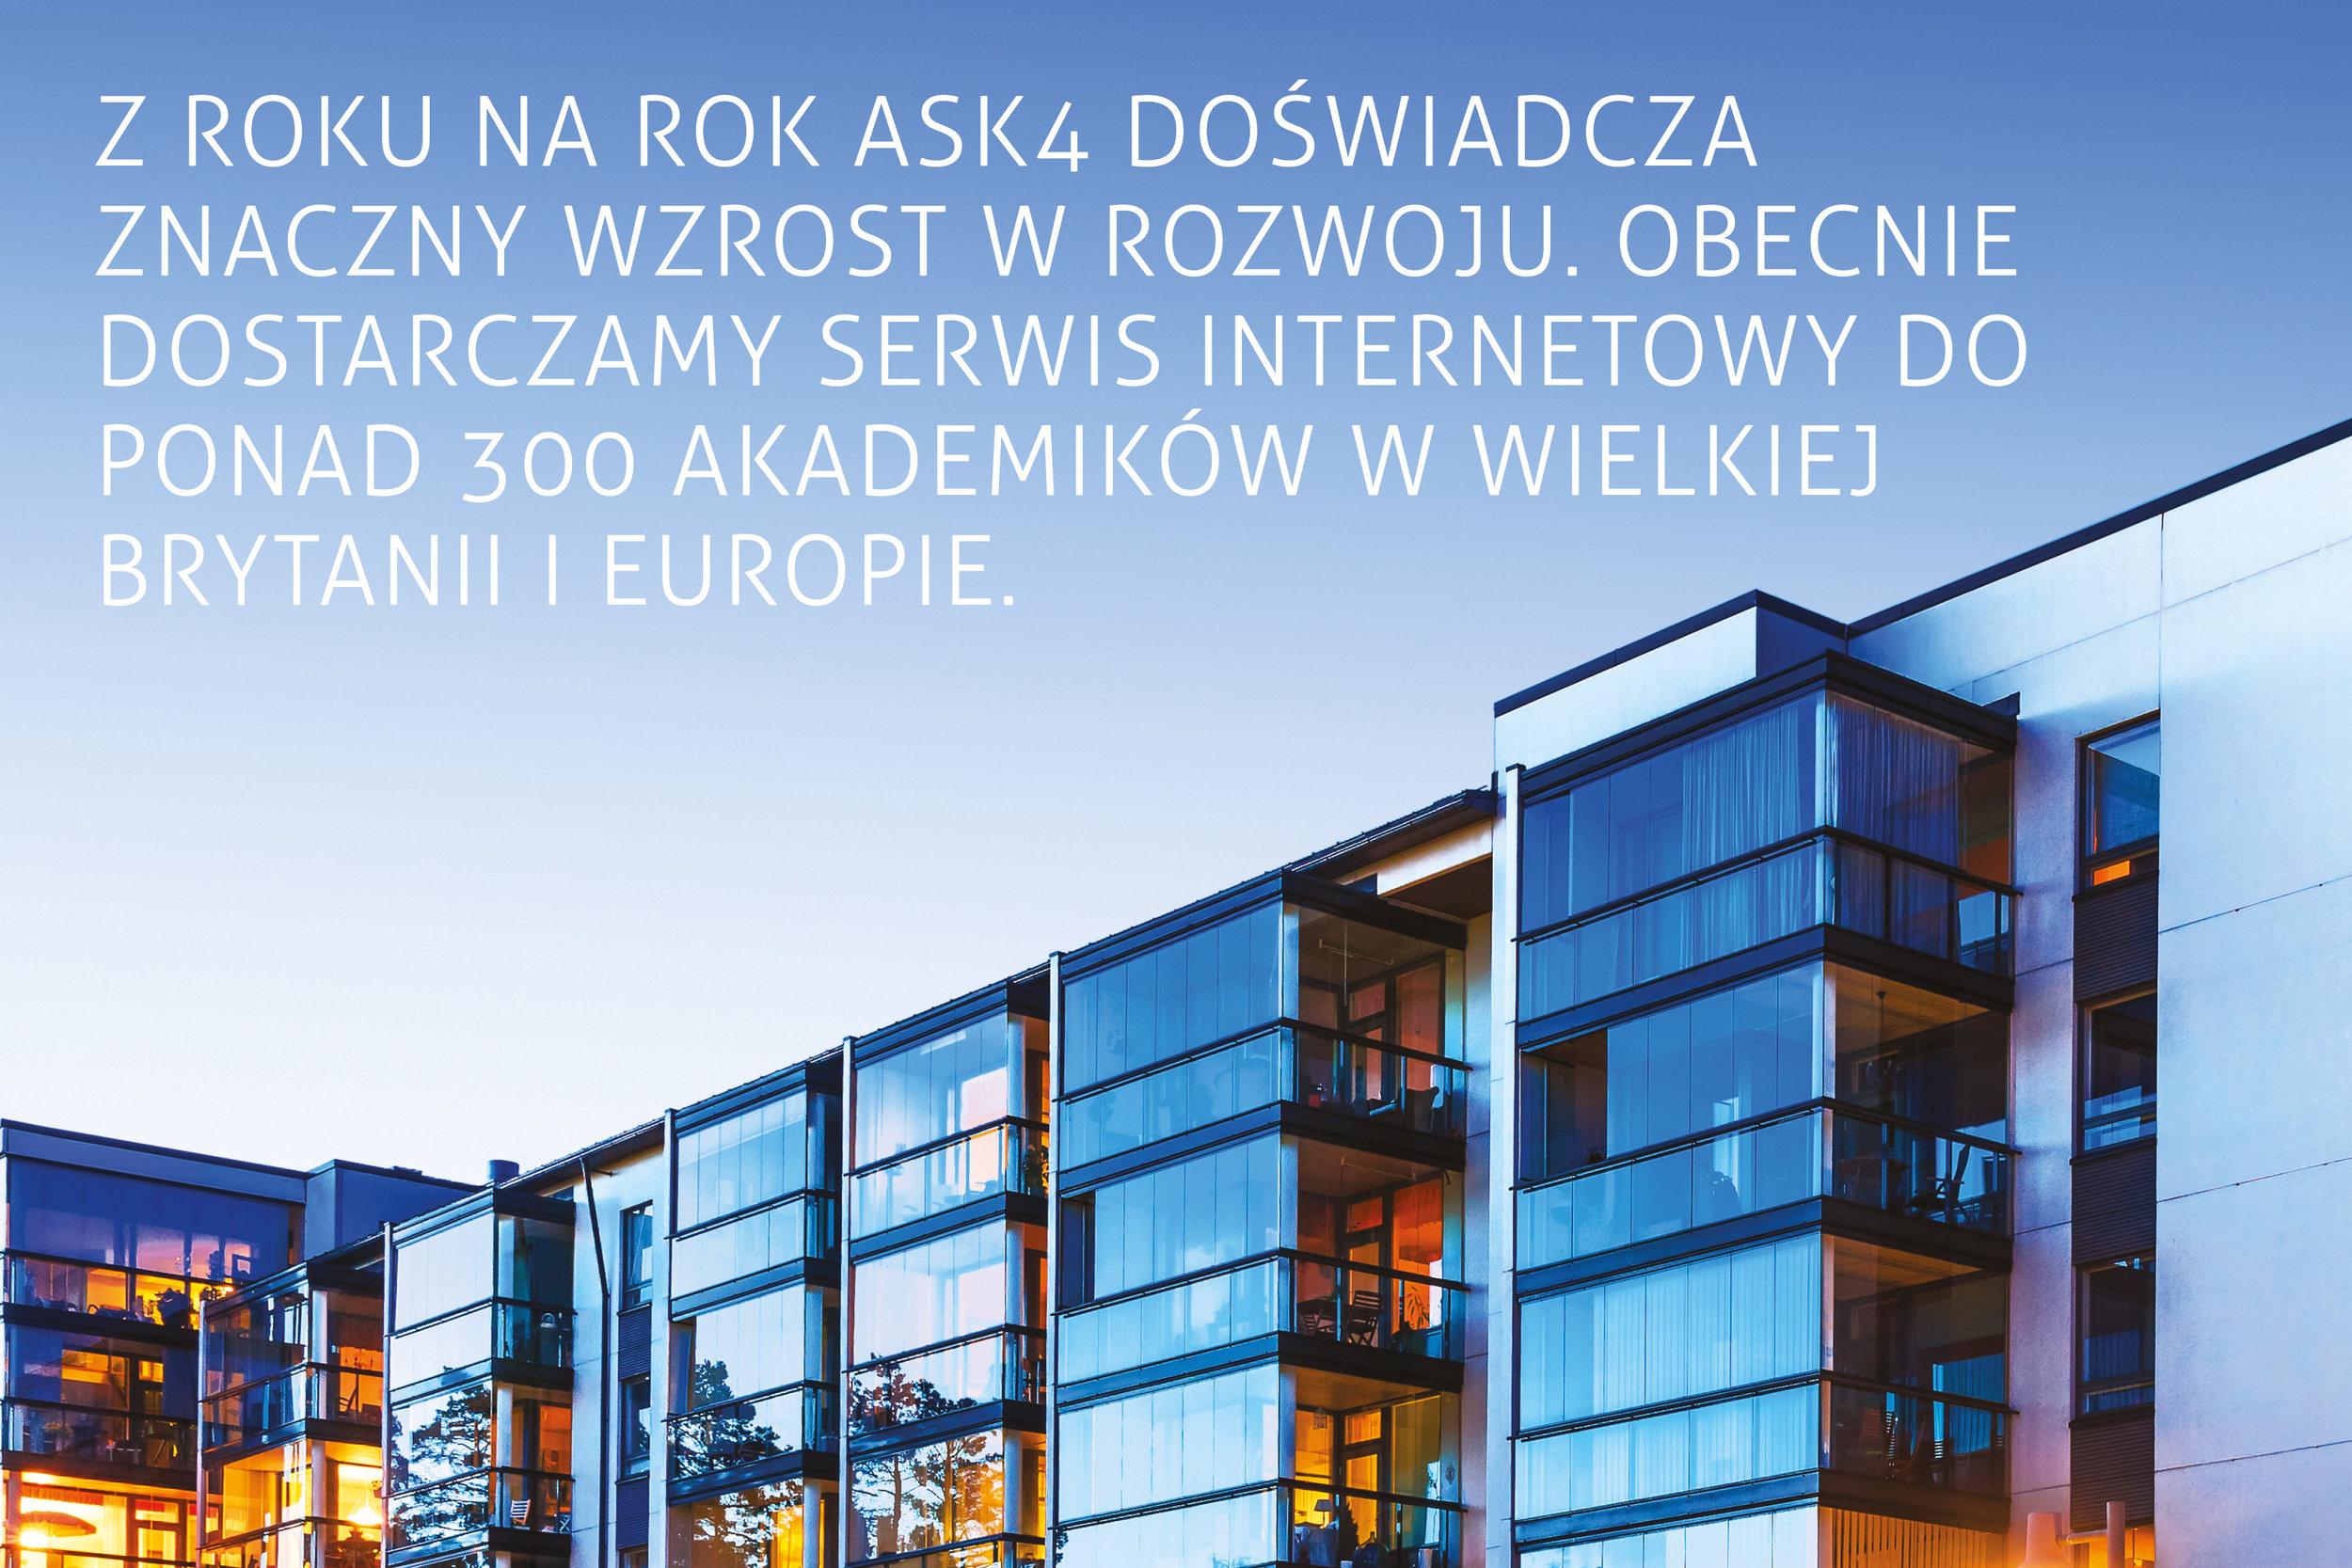 Z roku na rok ASK4 doświadczyło znaczny wzrost w rozwoju. Obecnie dostarczamy serwis internetowy do ponad 300 akademików w Wielkiej Brytanii i Europie